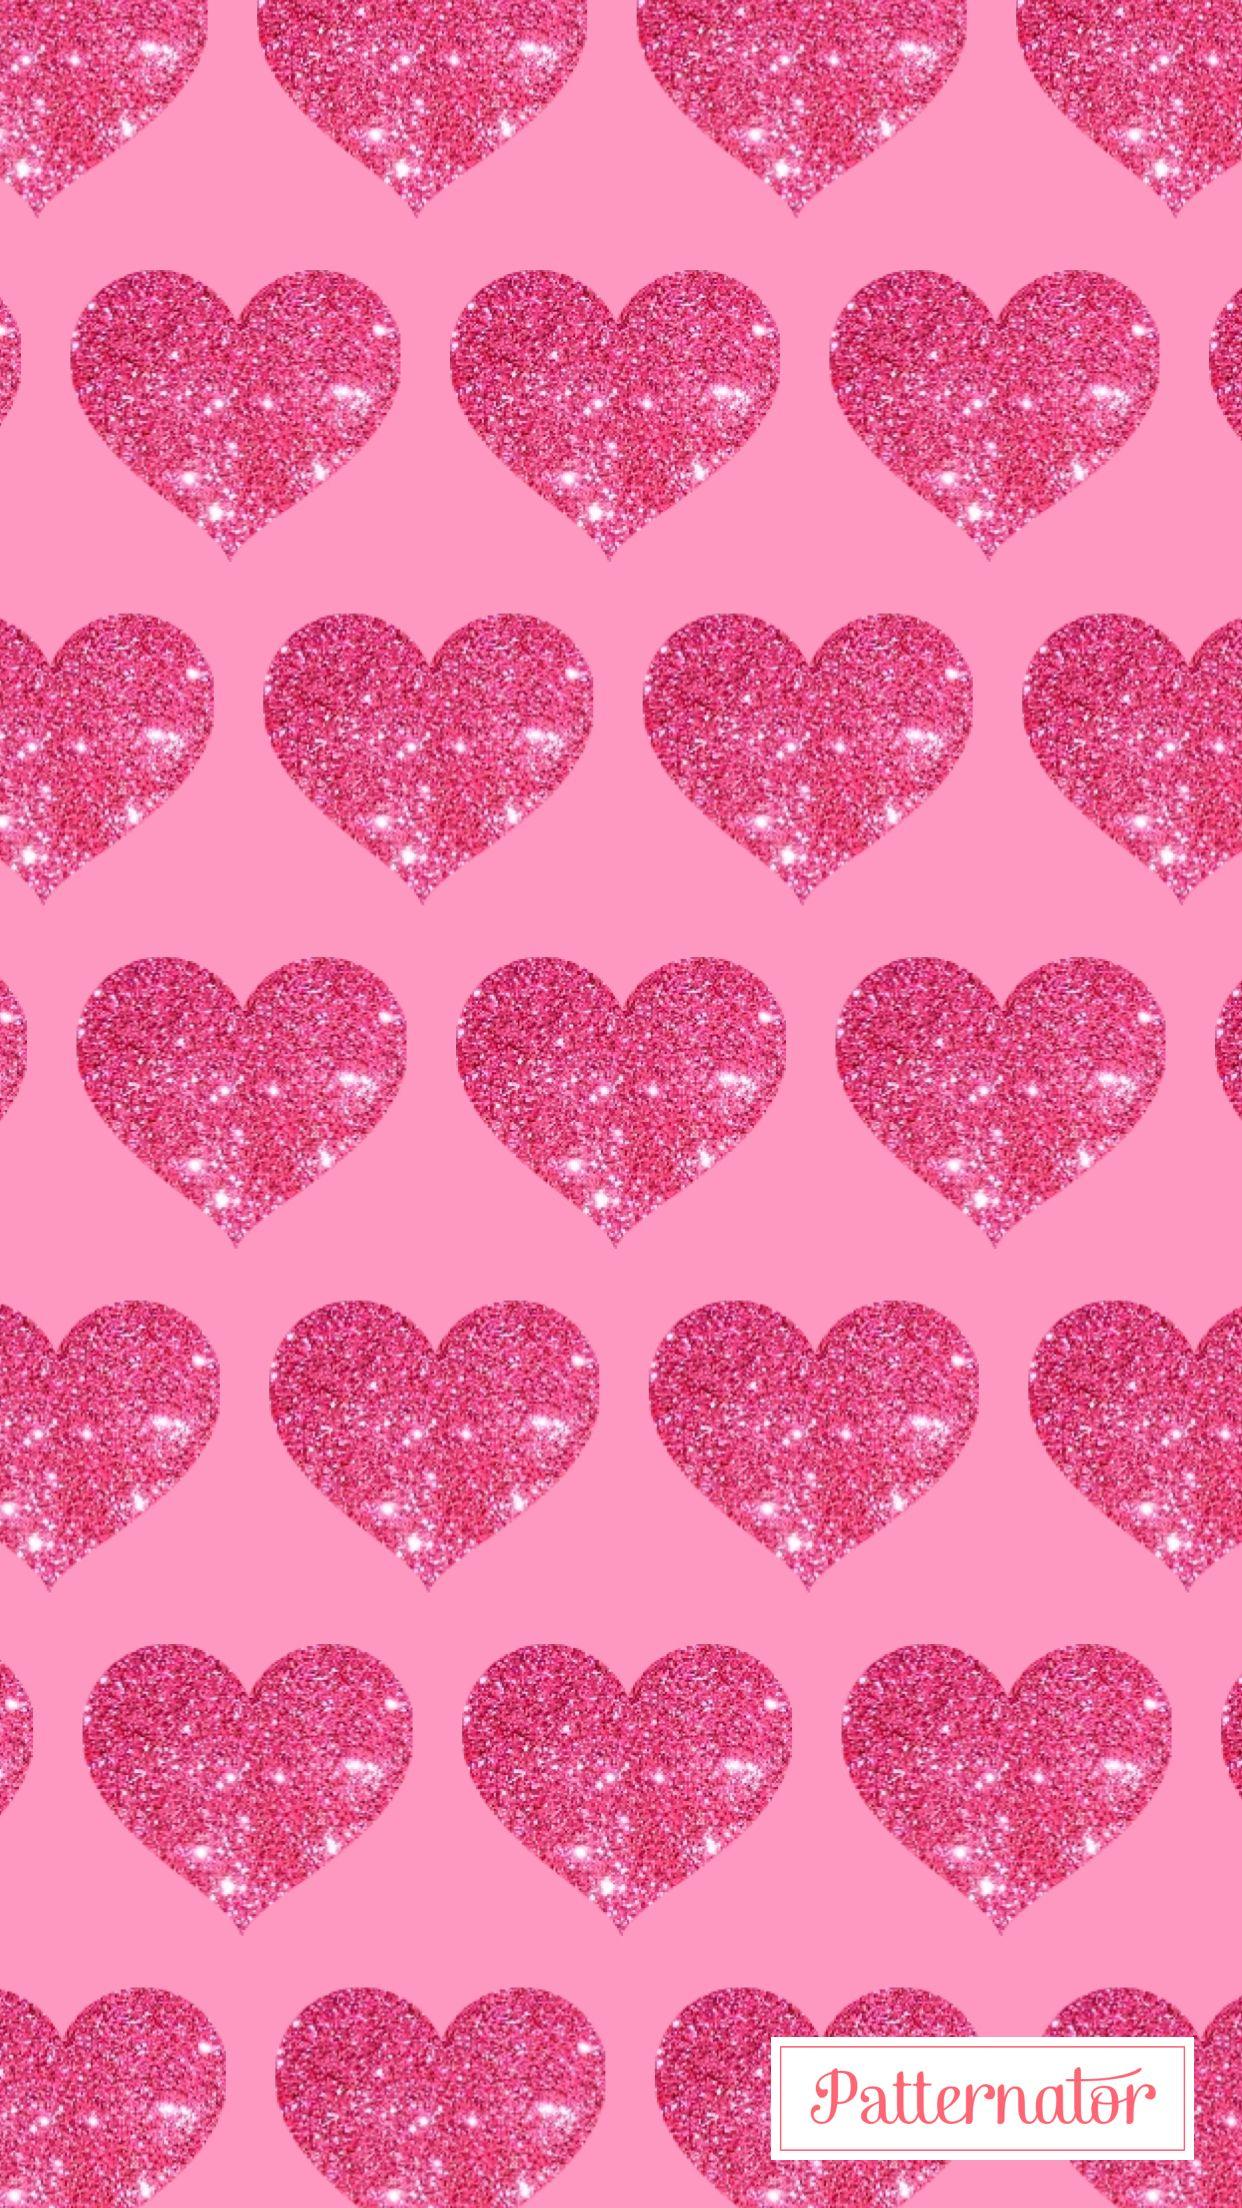 Pink Heart Glitter Wallpaper Iphone Pink Wallpaper Iphone